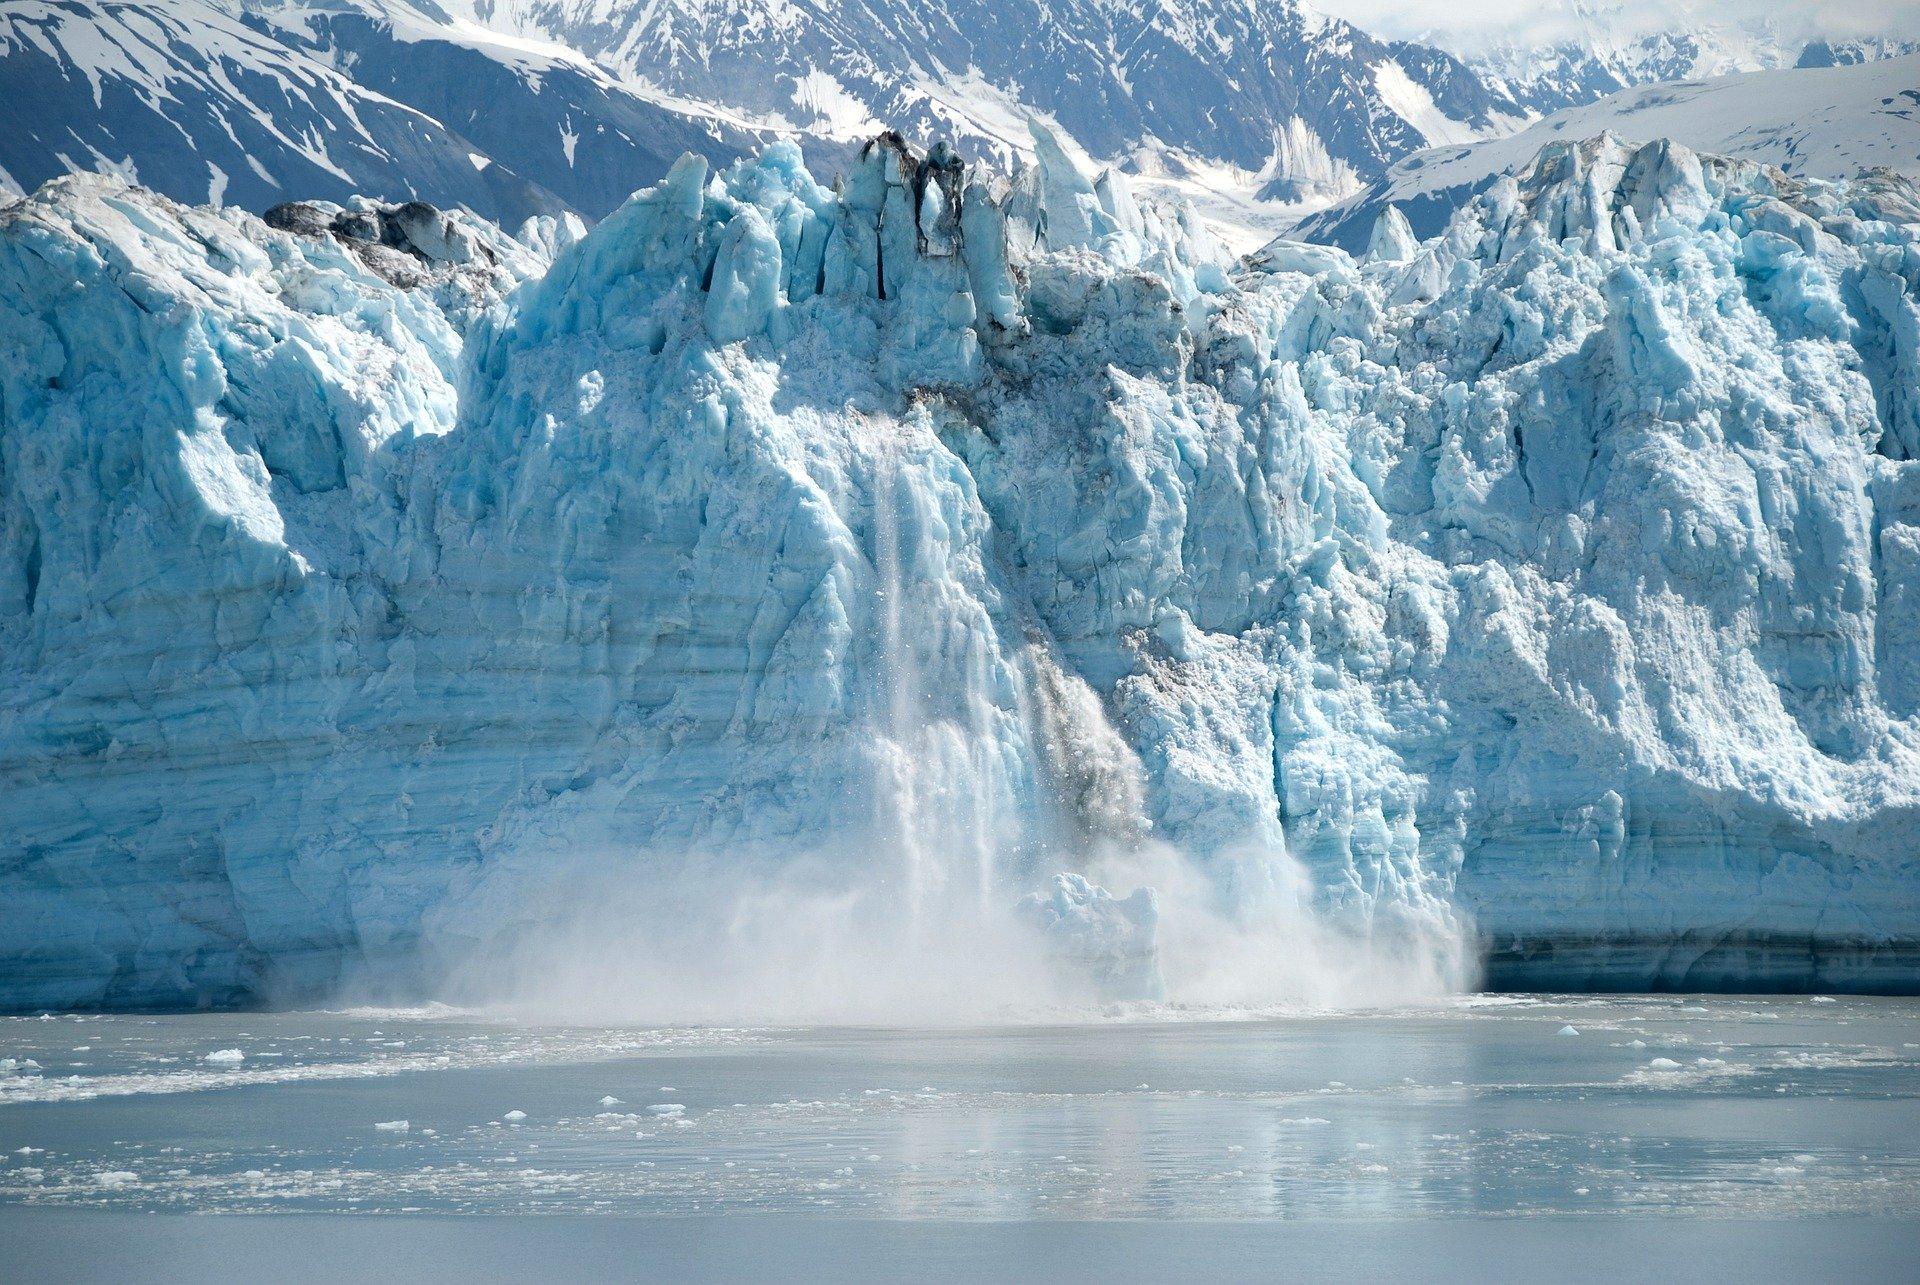 Klimaforscher: Zusammenbruch der Zivilisation ist der wahrscheinlichste Ausgang